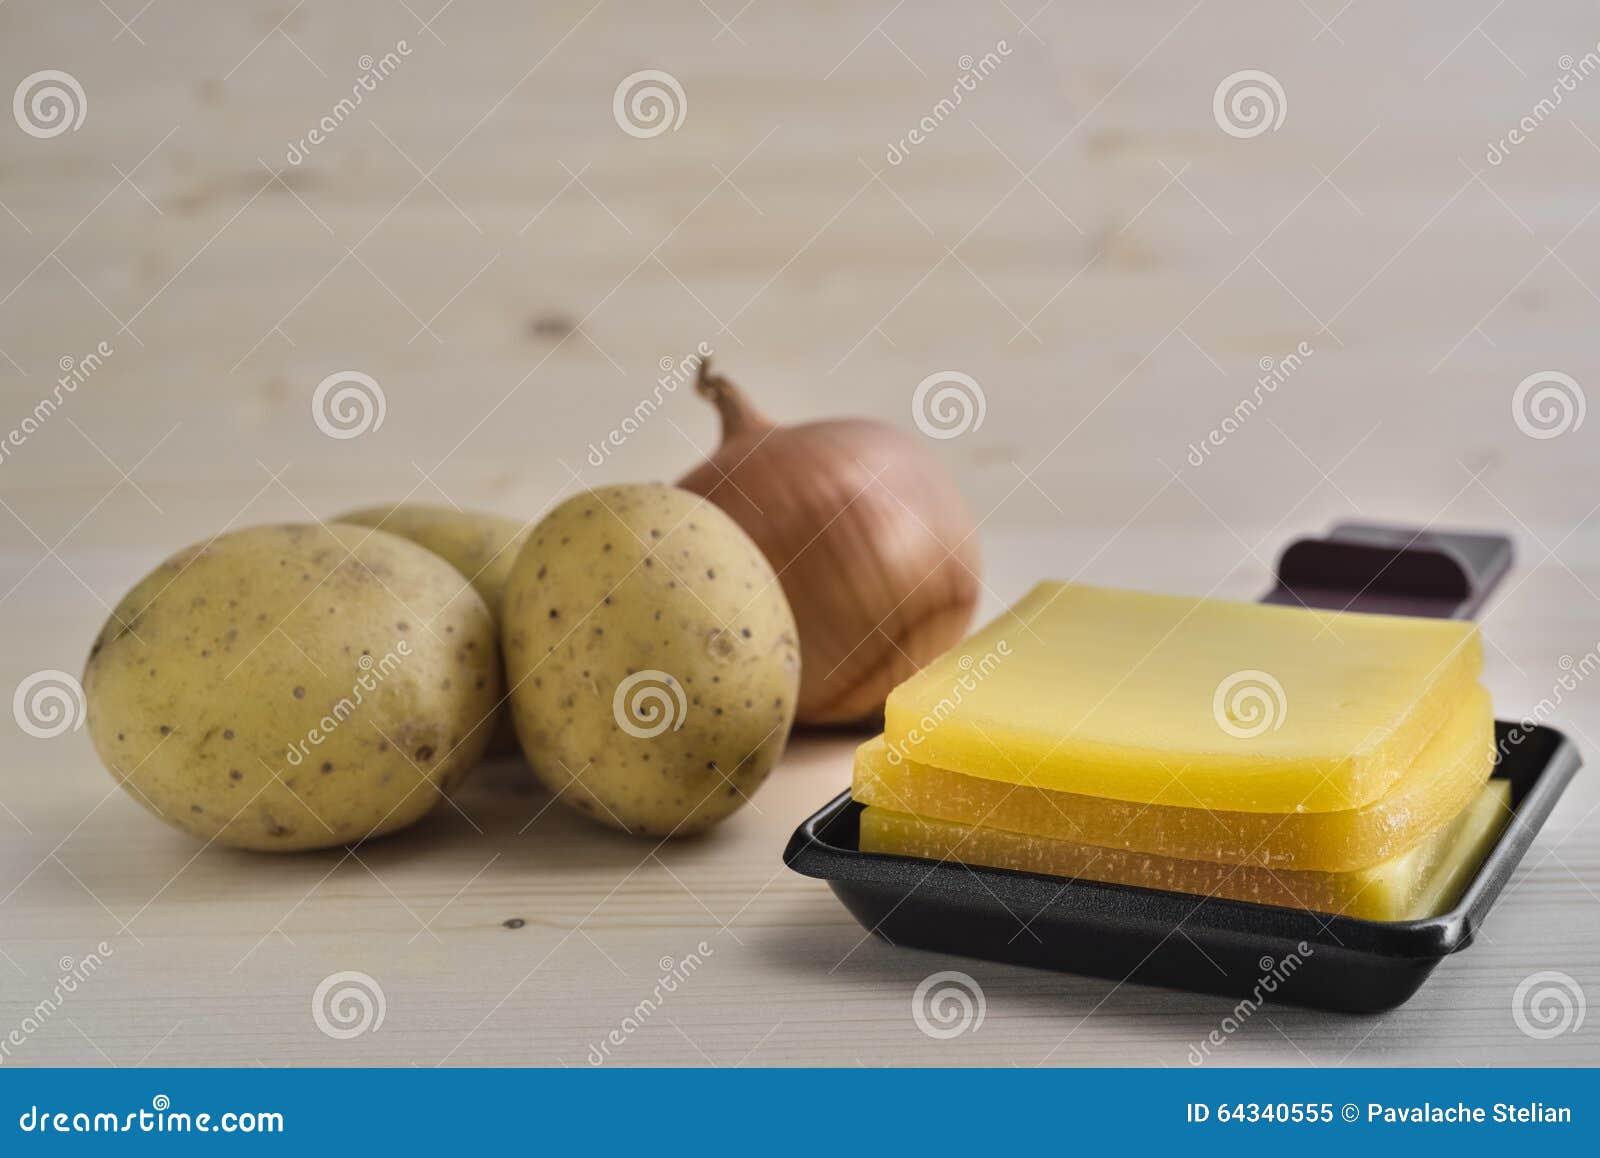 Raclette Behälter Mit Käse Kartoffeln Und Zwiebel Stockbild Bild